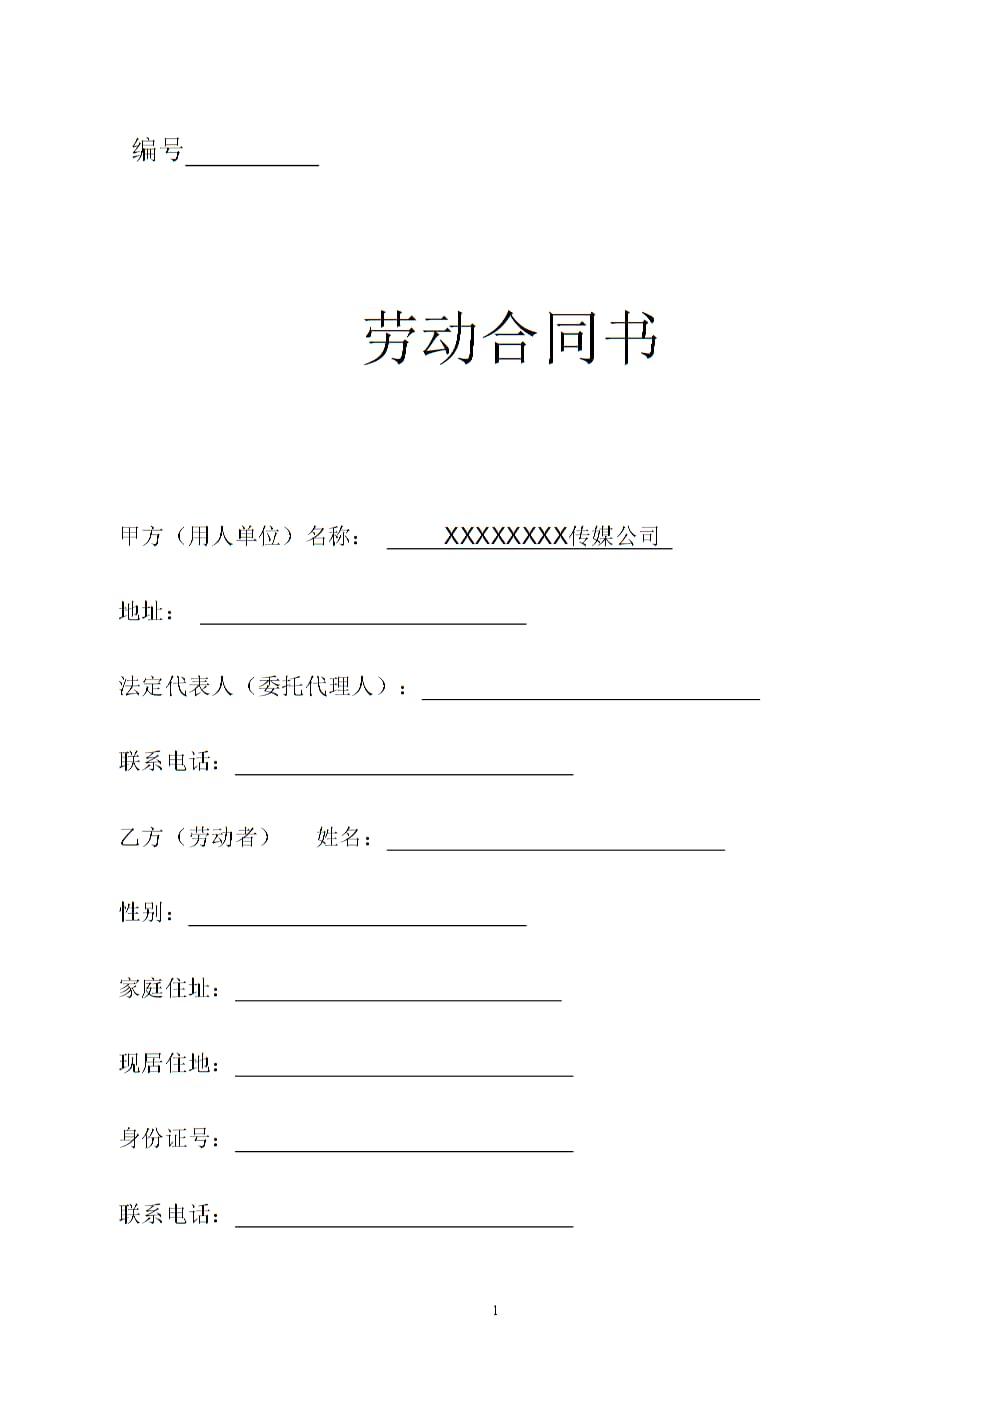 传媒公司员工劳动合同.ppt